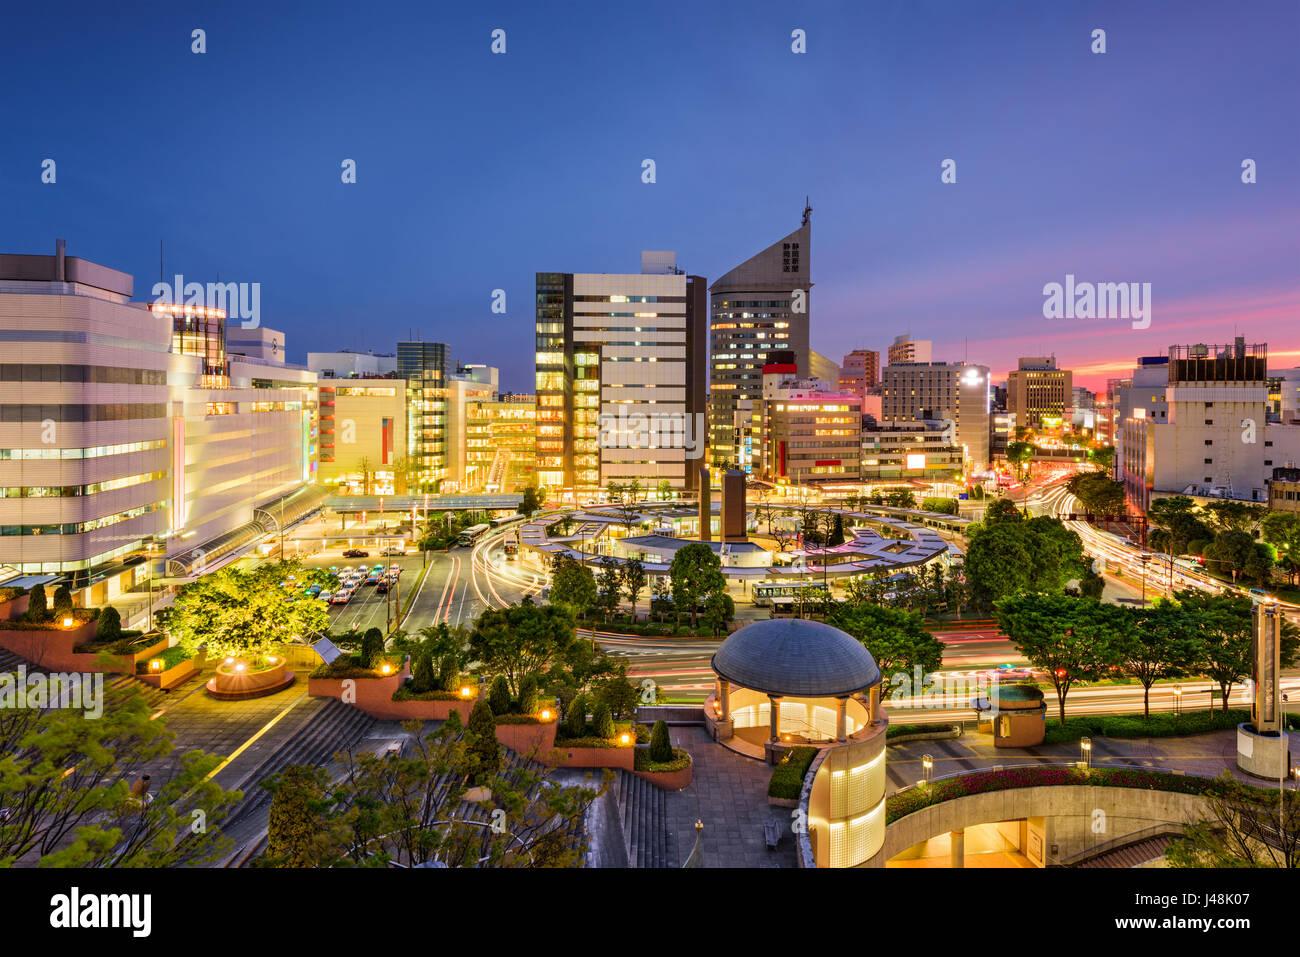 El horizonte de la ciudad de Hamamatsu, Japón en penumbra. Imagen De Stock